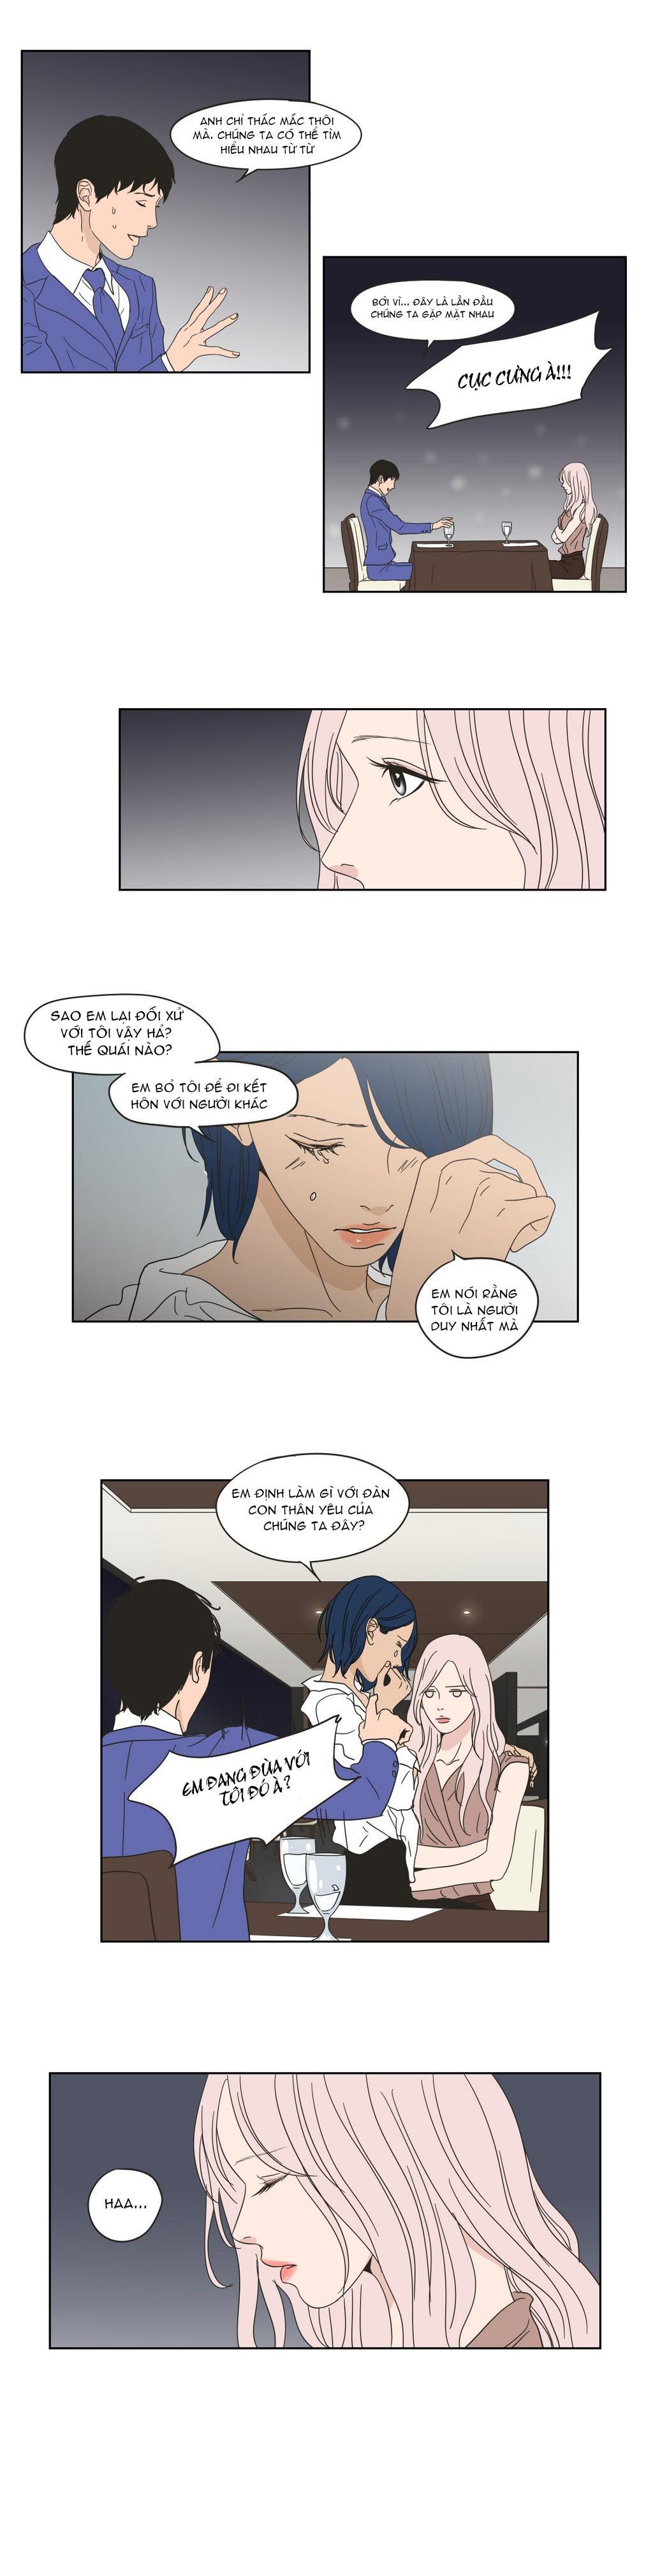 Con Cáo Nói Gì? Chapter 40 - Trang 10